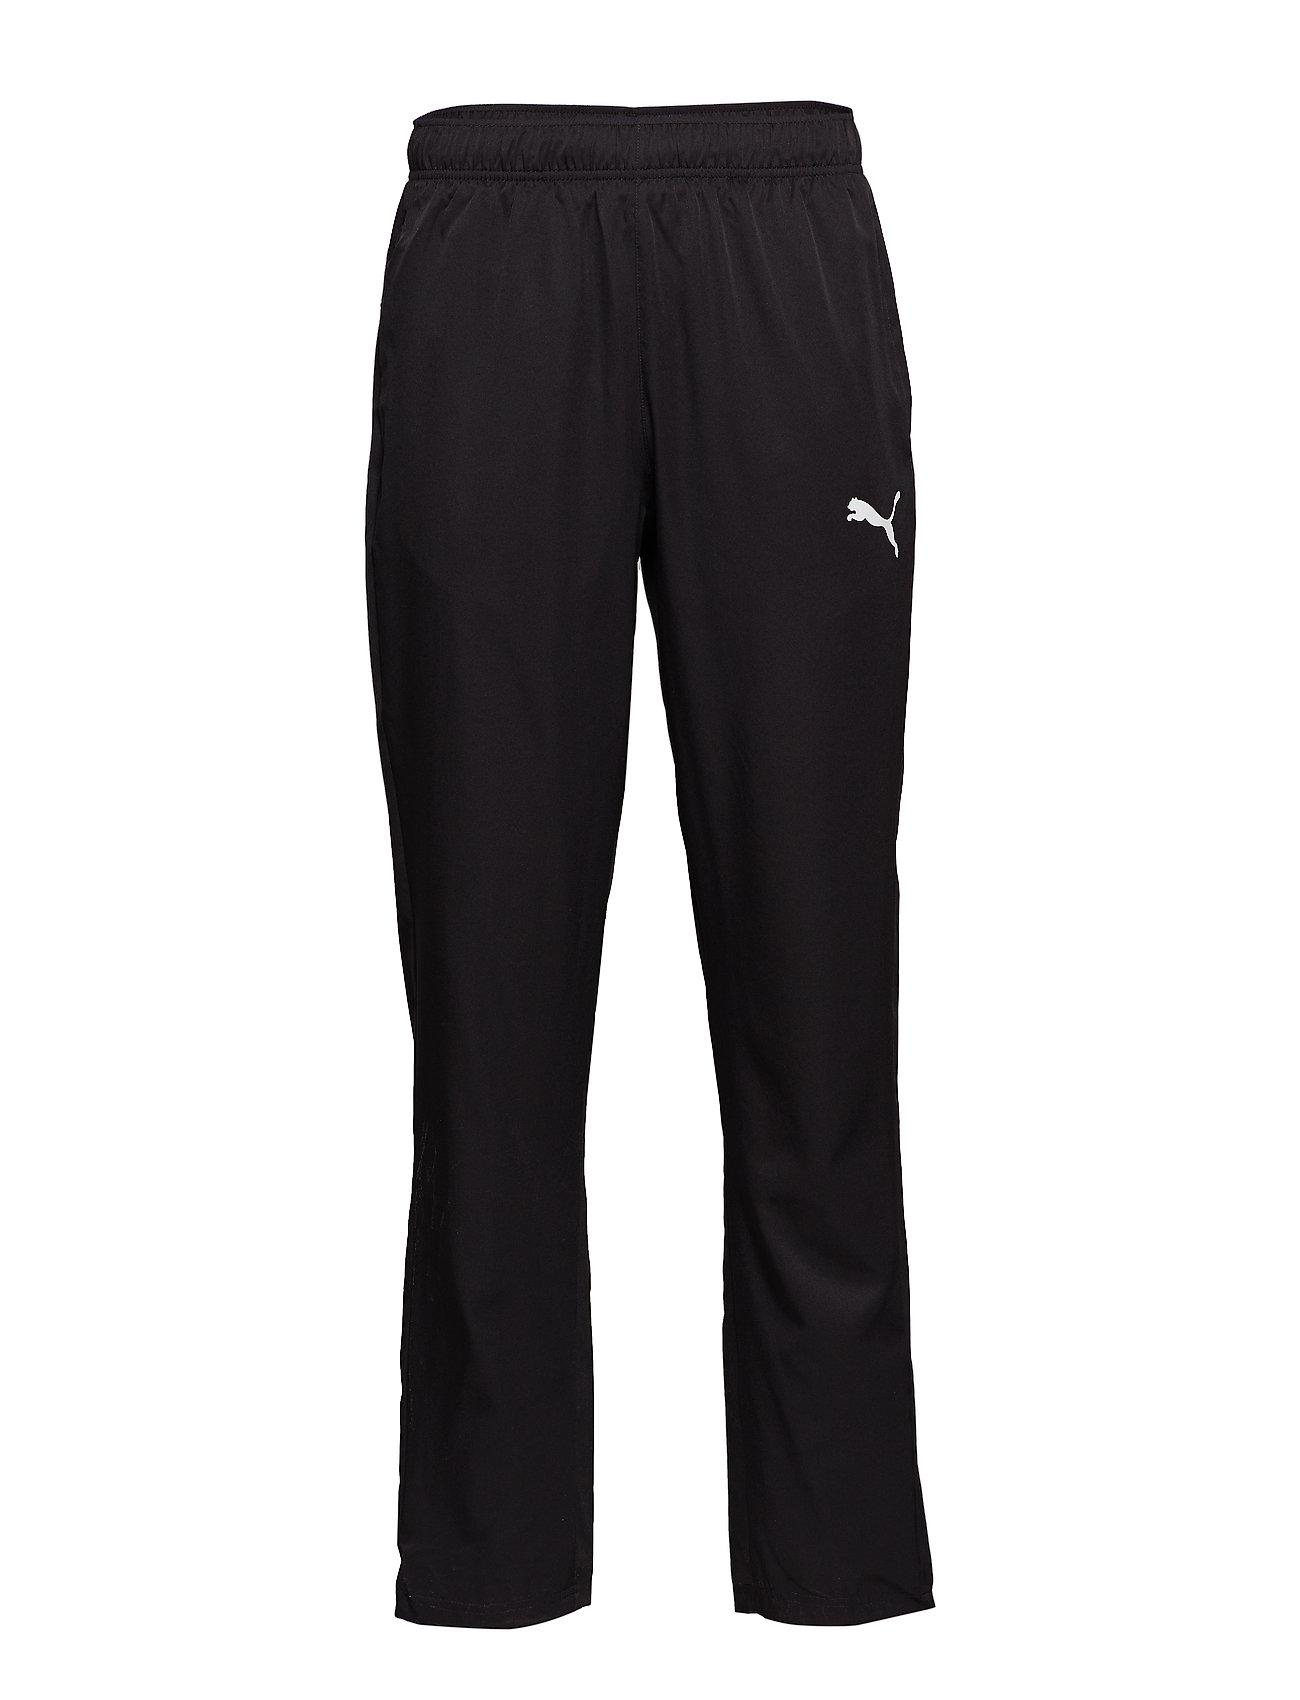 PUMA Active Woven Pants op Joggingbyxor